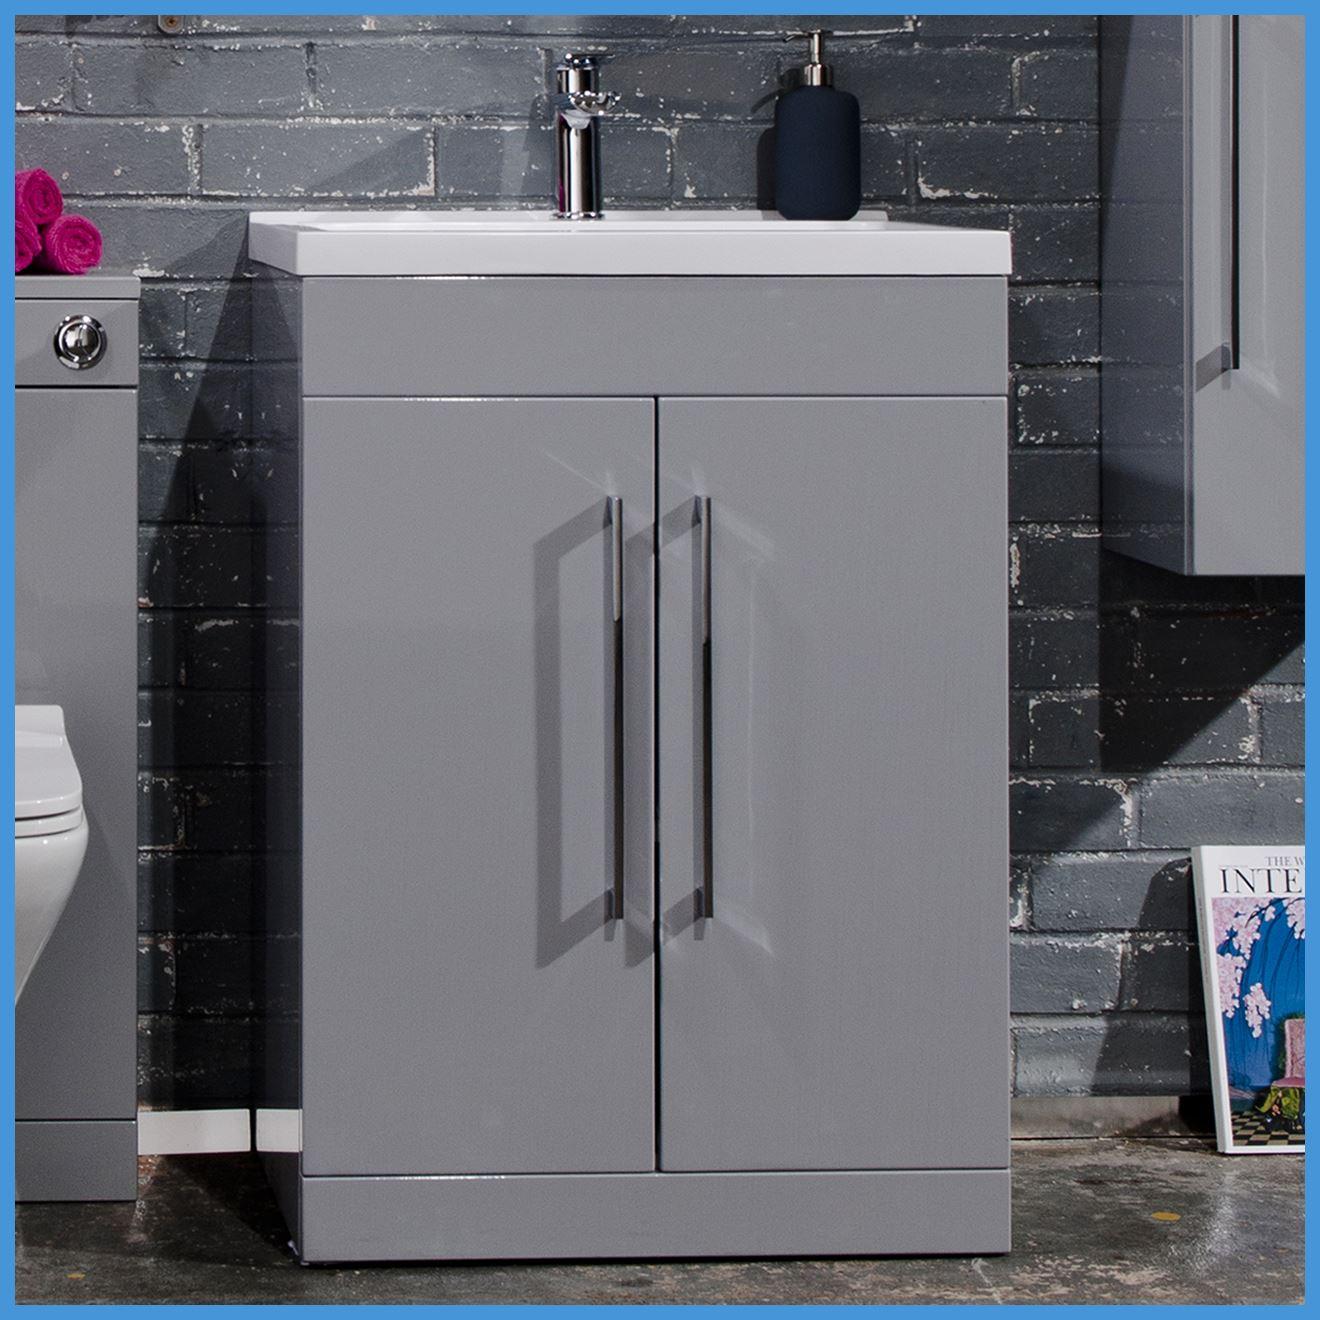 Minimalist Bathroom Items: 500 & 600mm Square Minimalist Bathroom Modern Grey Vanity